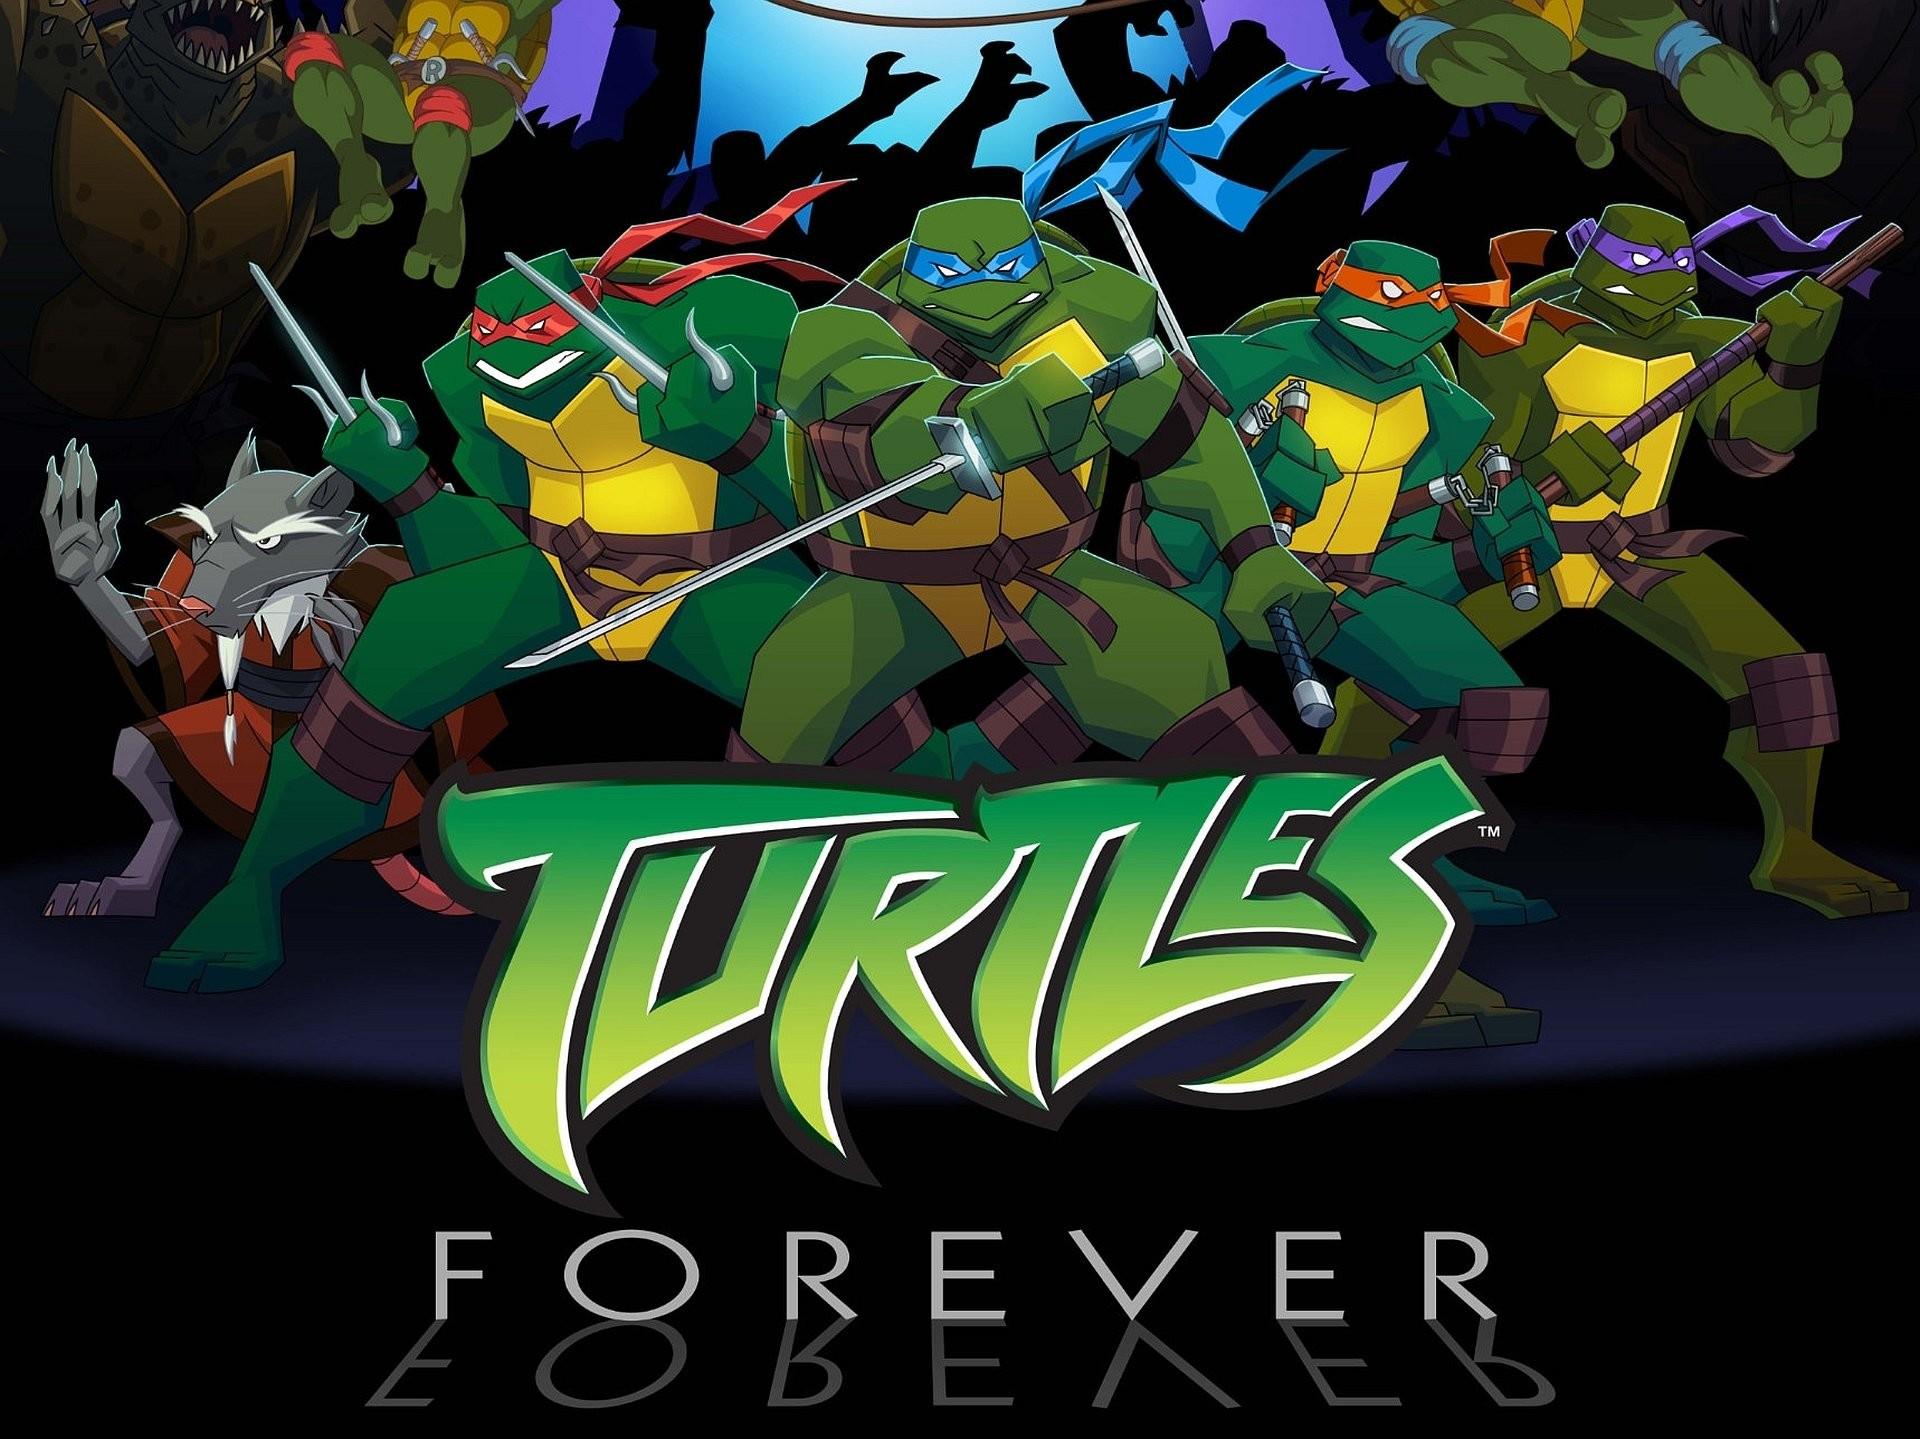 Ninja turtle wallpaper teenage mutant ninja turtles wallpapers top teenage mutant ninja voltagebd Images